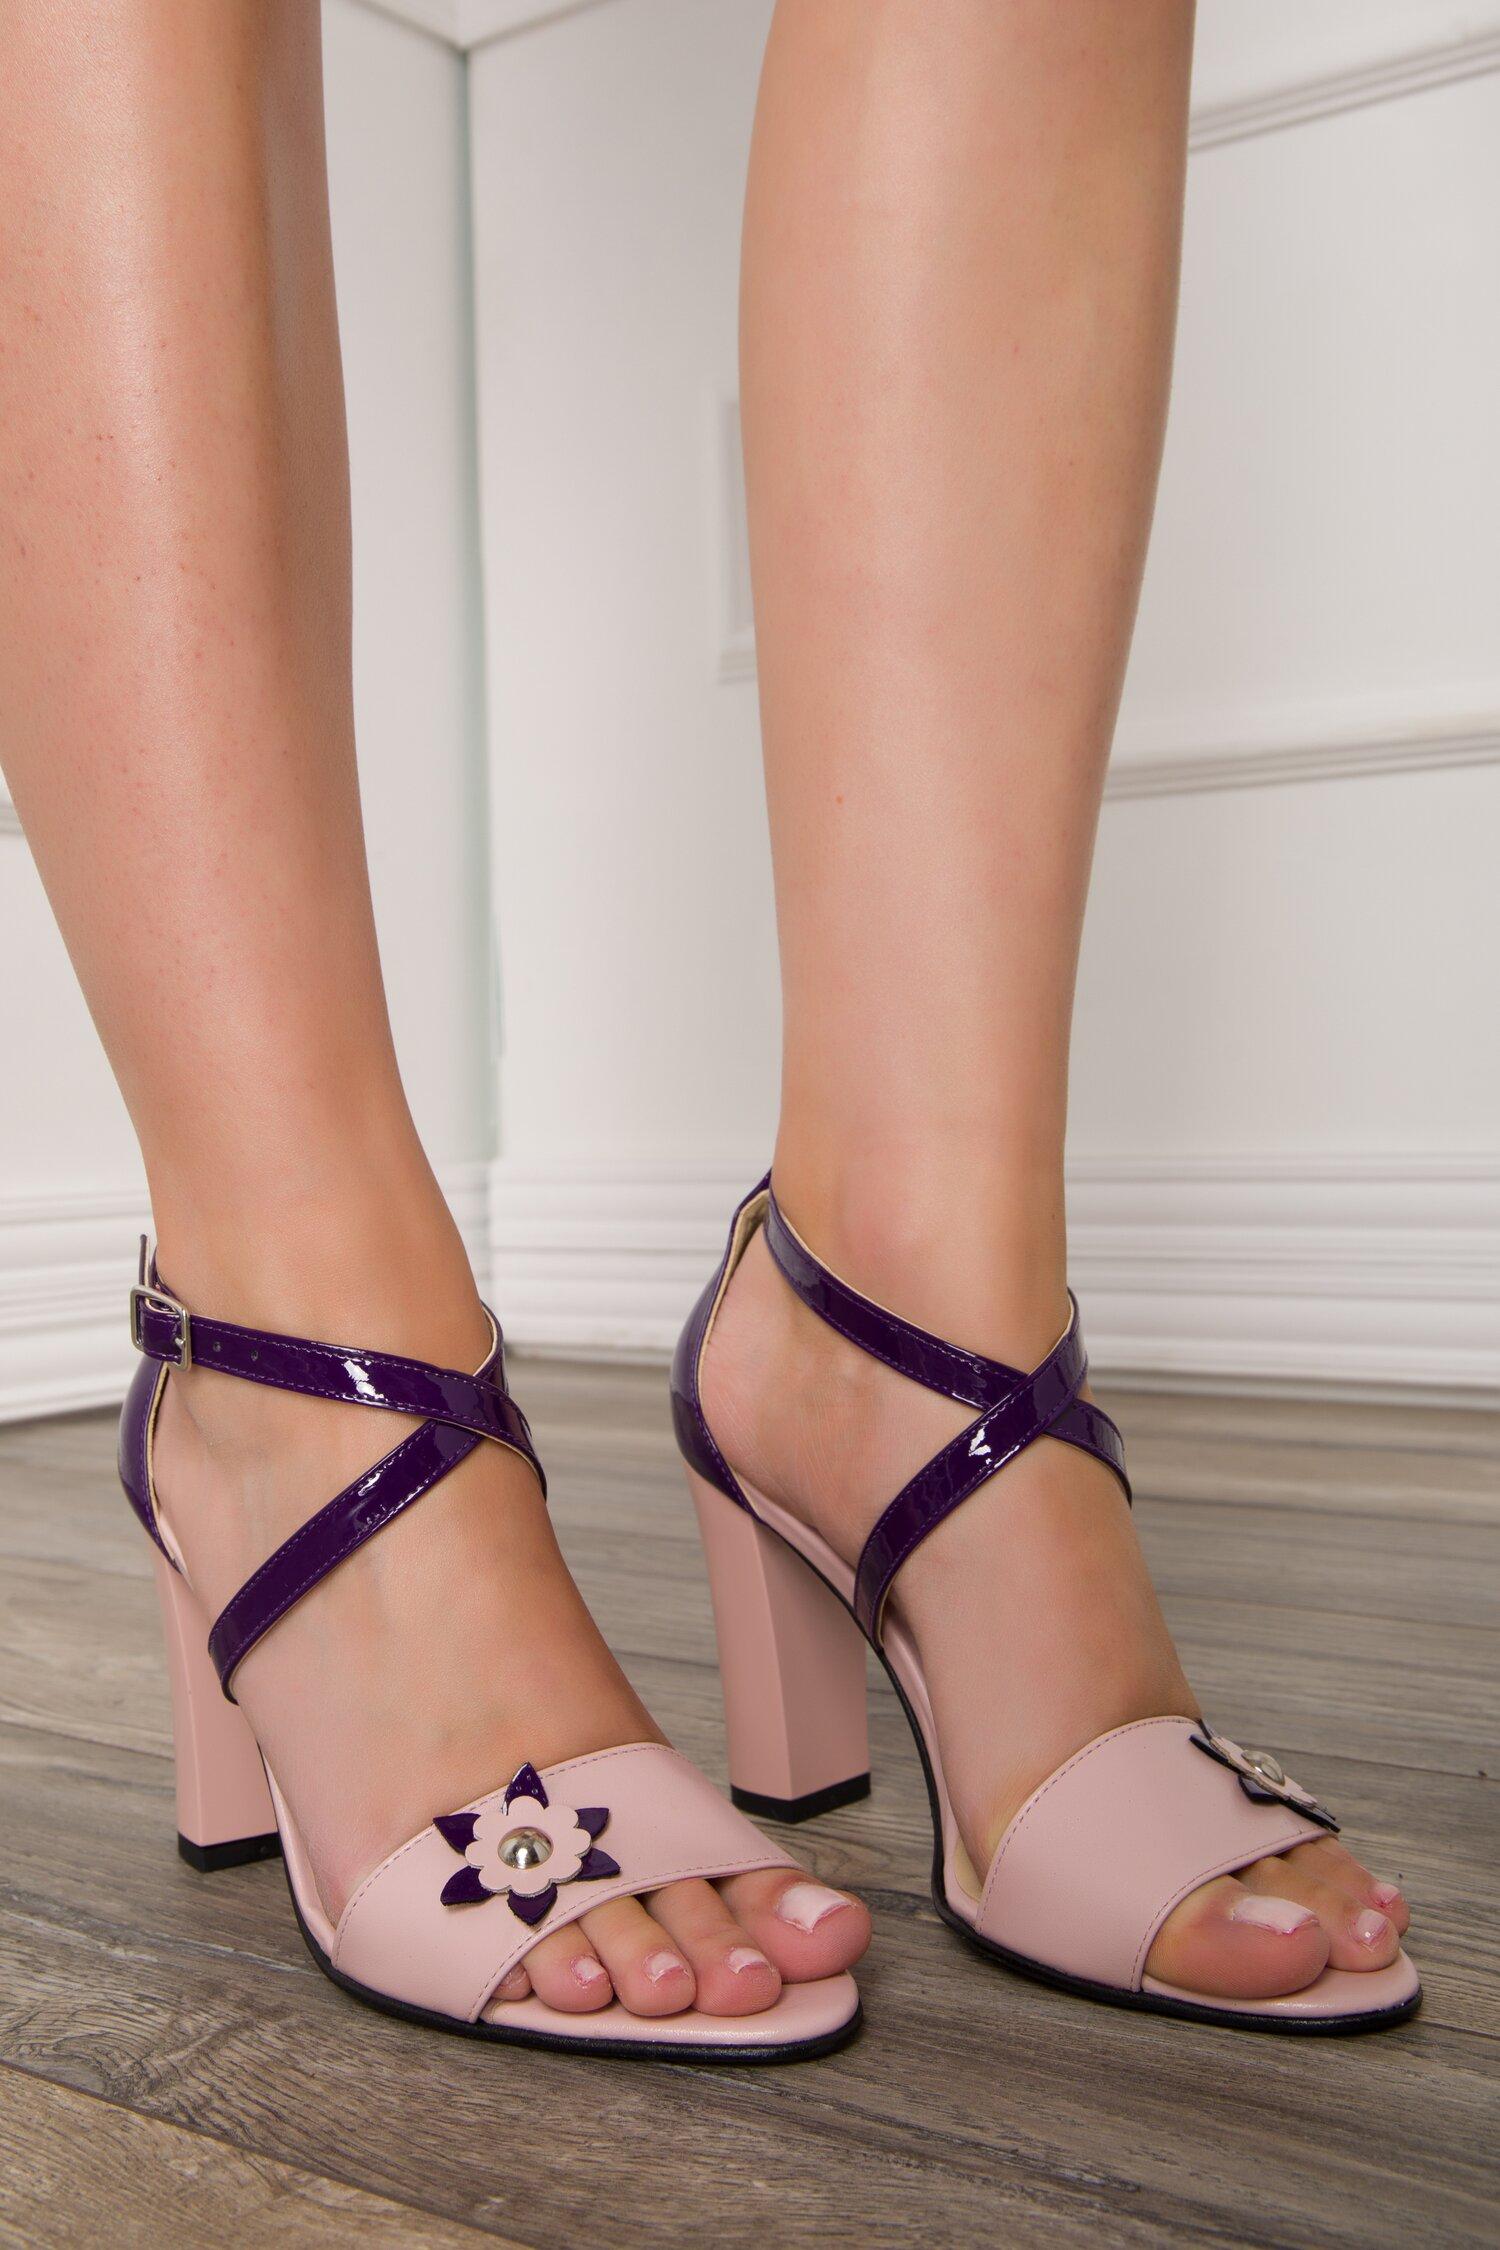 Sandale in nuante de roz si mov cu aplicatie florala imagine